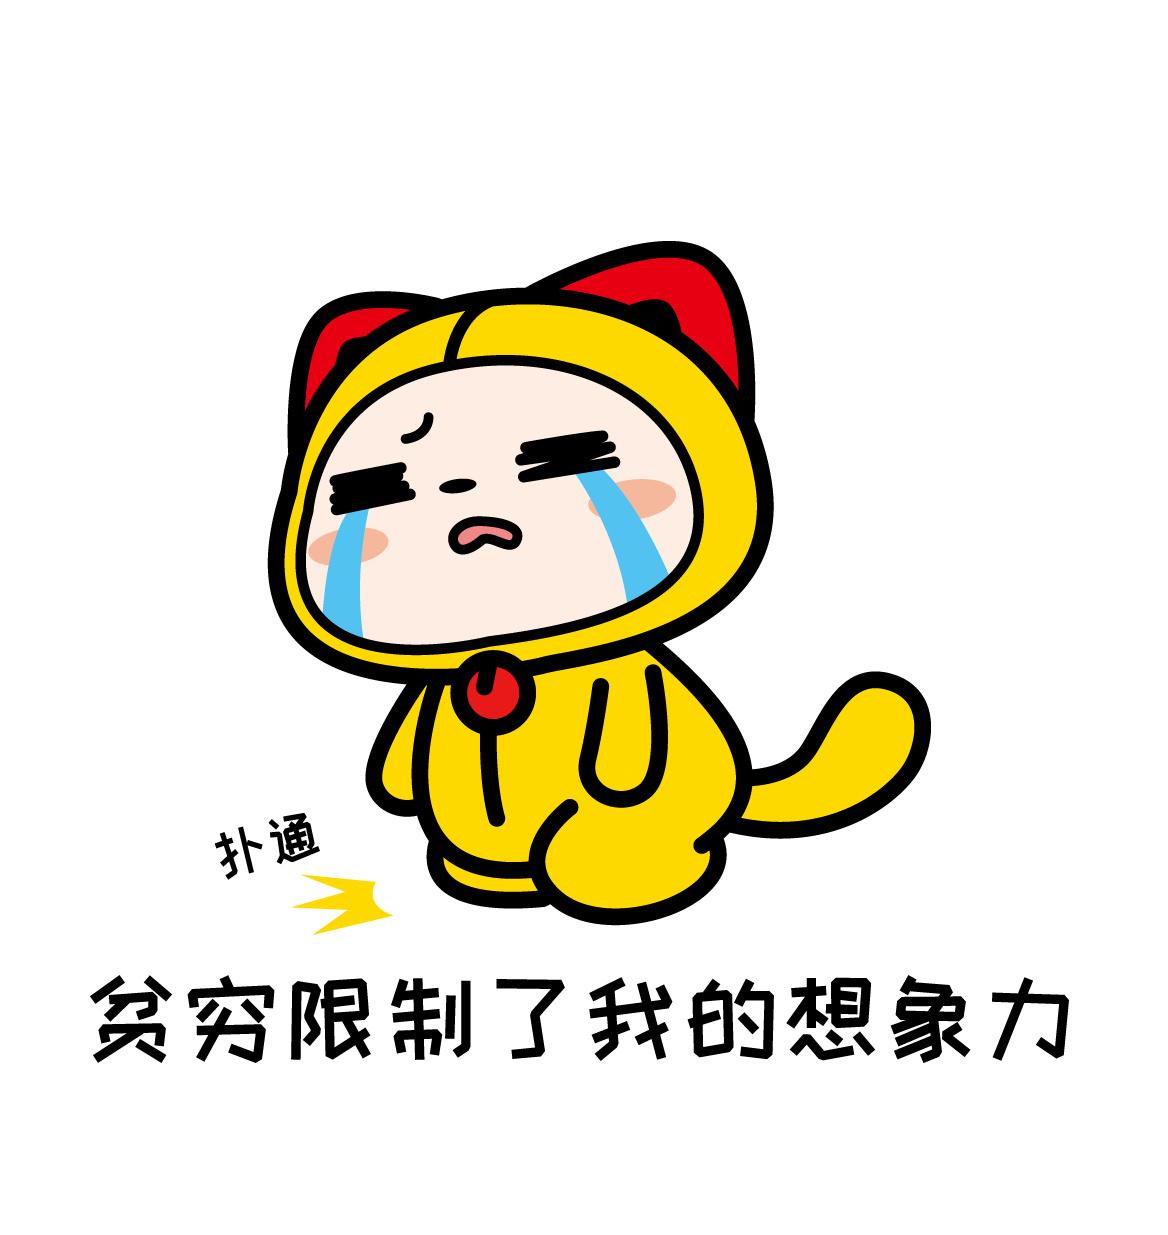 2017的网络流行语,你最爱用哪一句?_搜狐搞笑_搜狐网